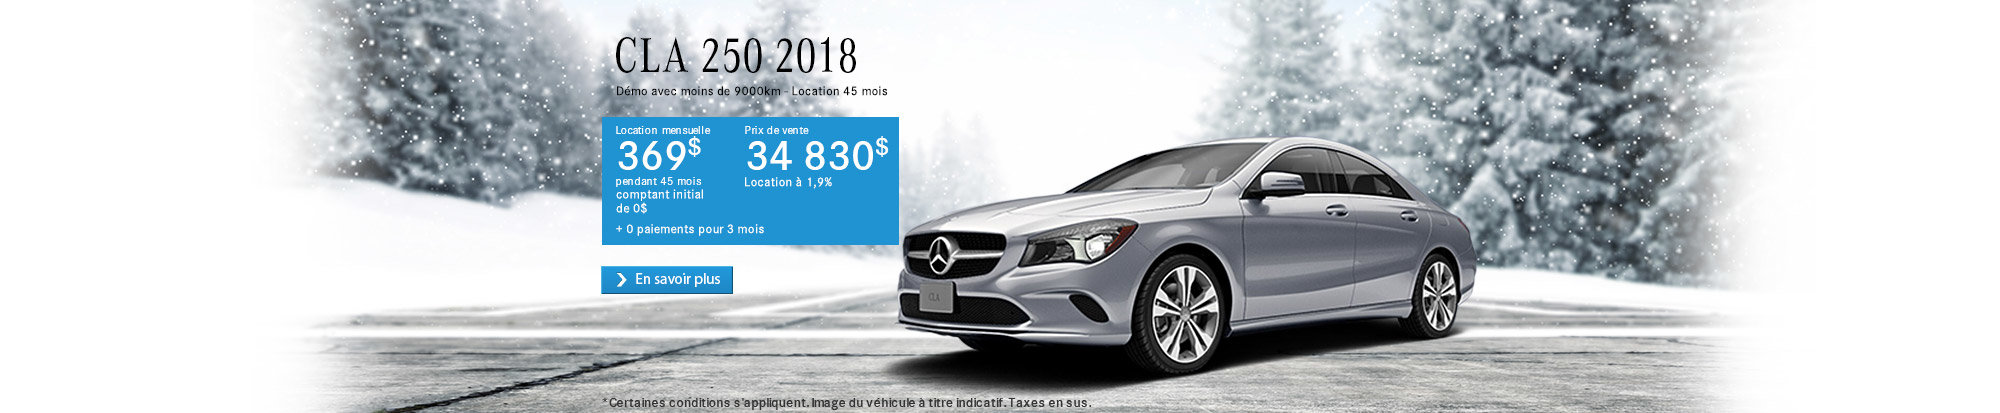 CLA 250 2018 - web